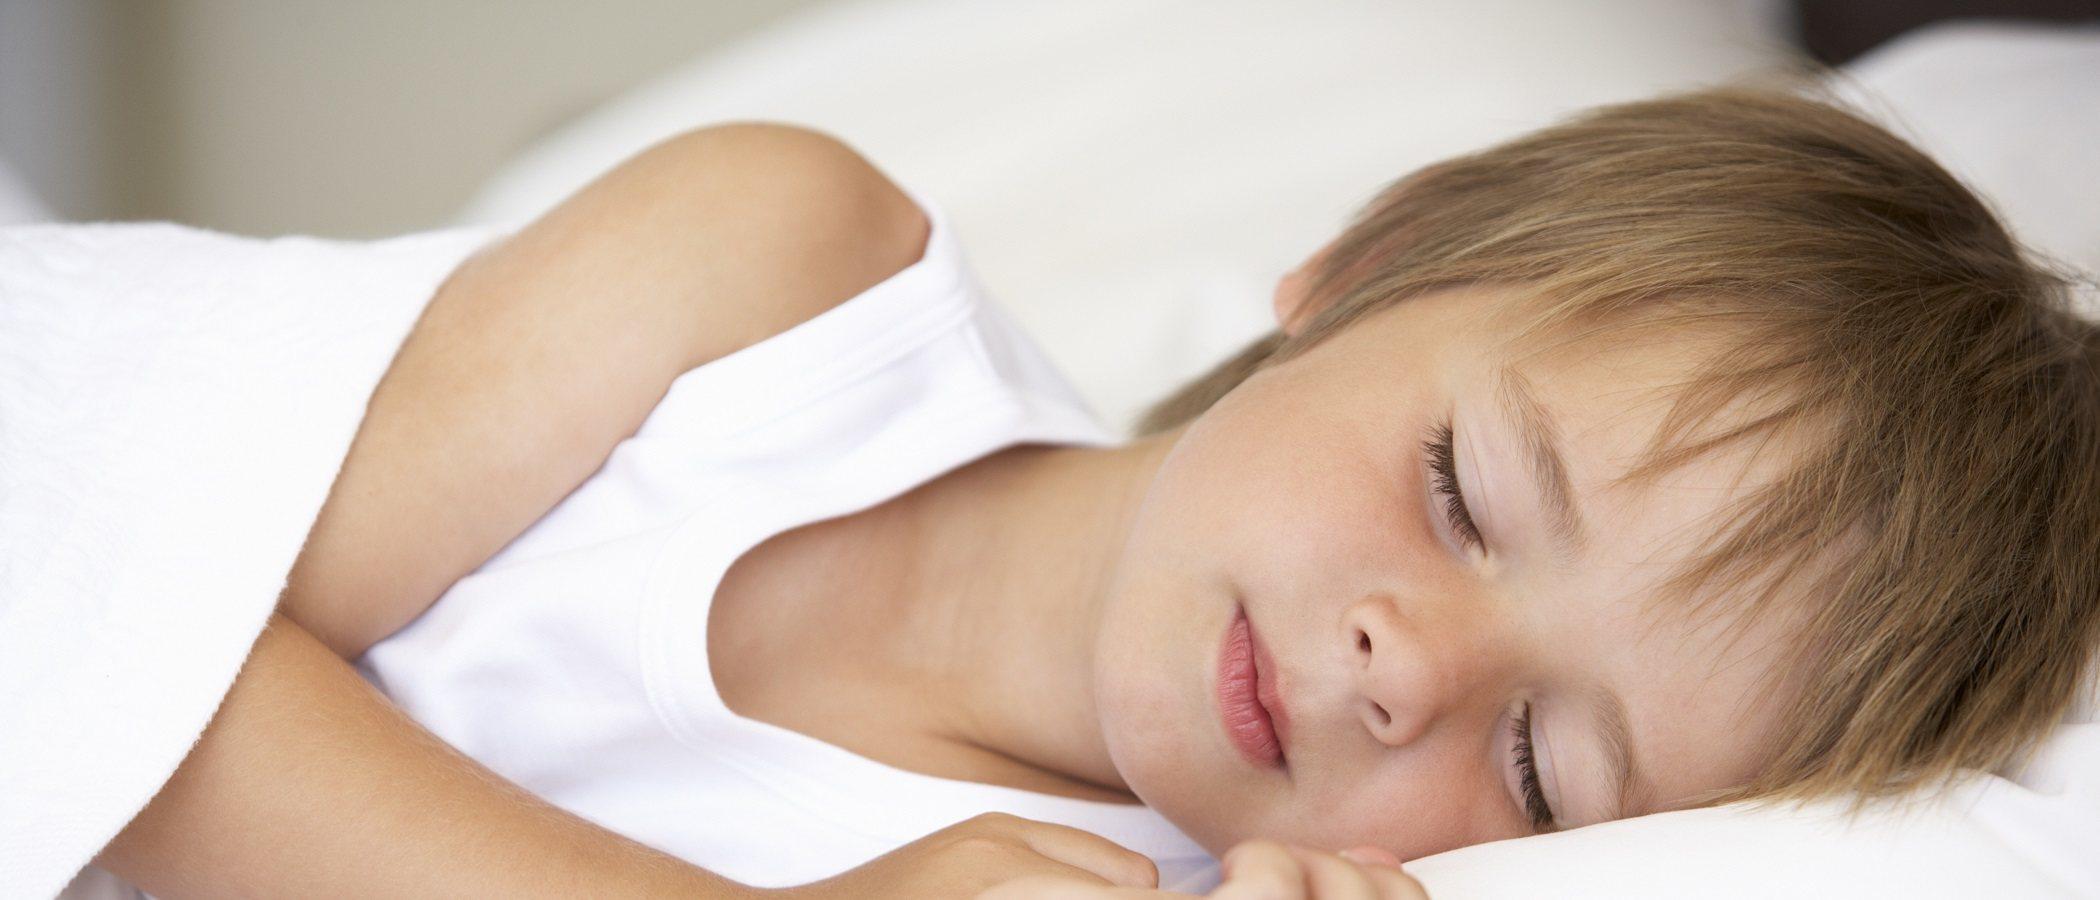 Dormir con los hijos y el mal dormir